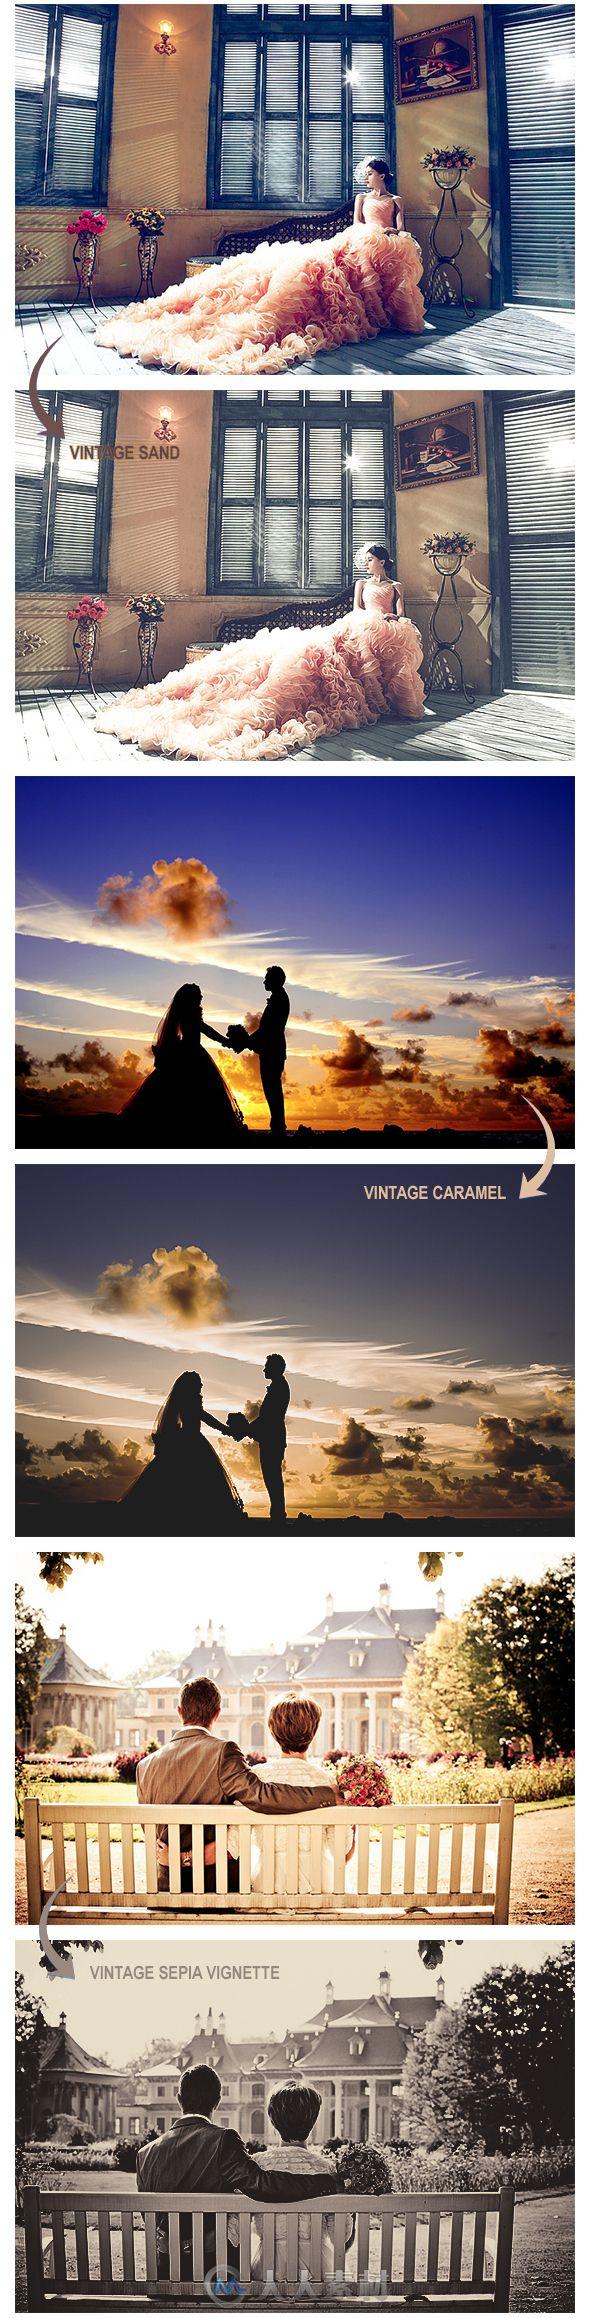 现代浪漫婚礼照时尚复古艺术效果PS动作